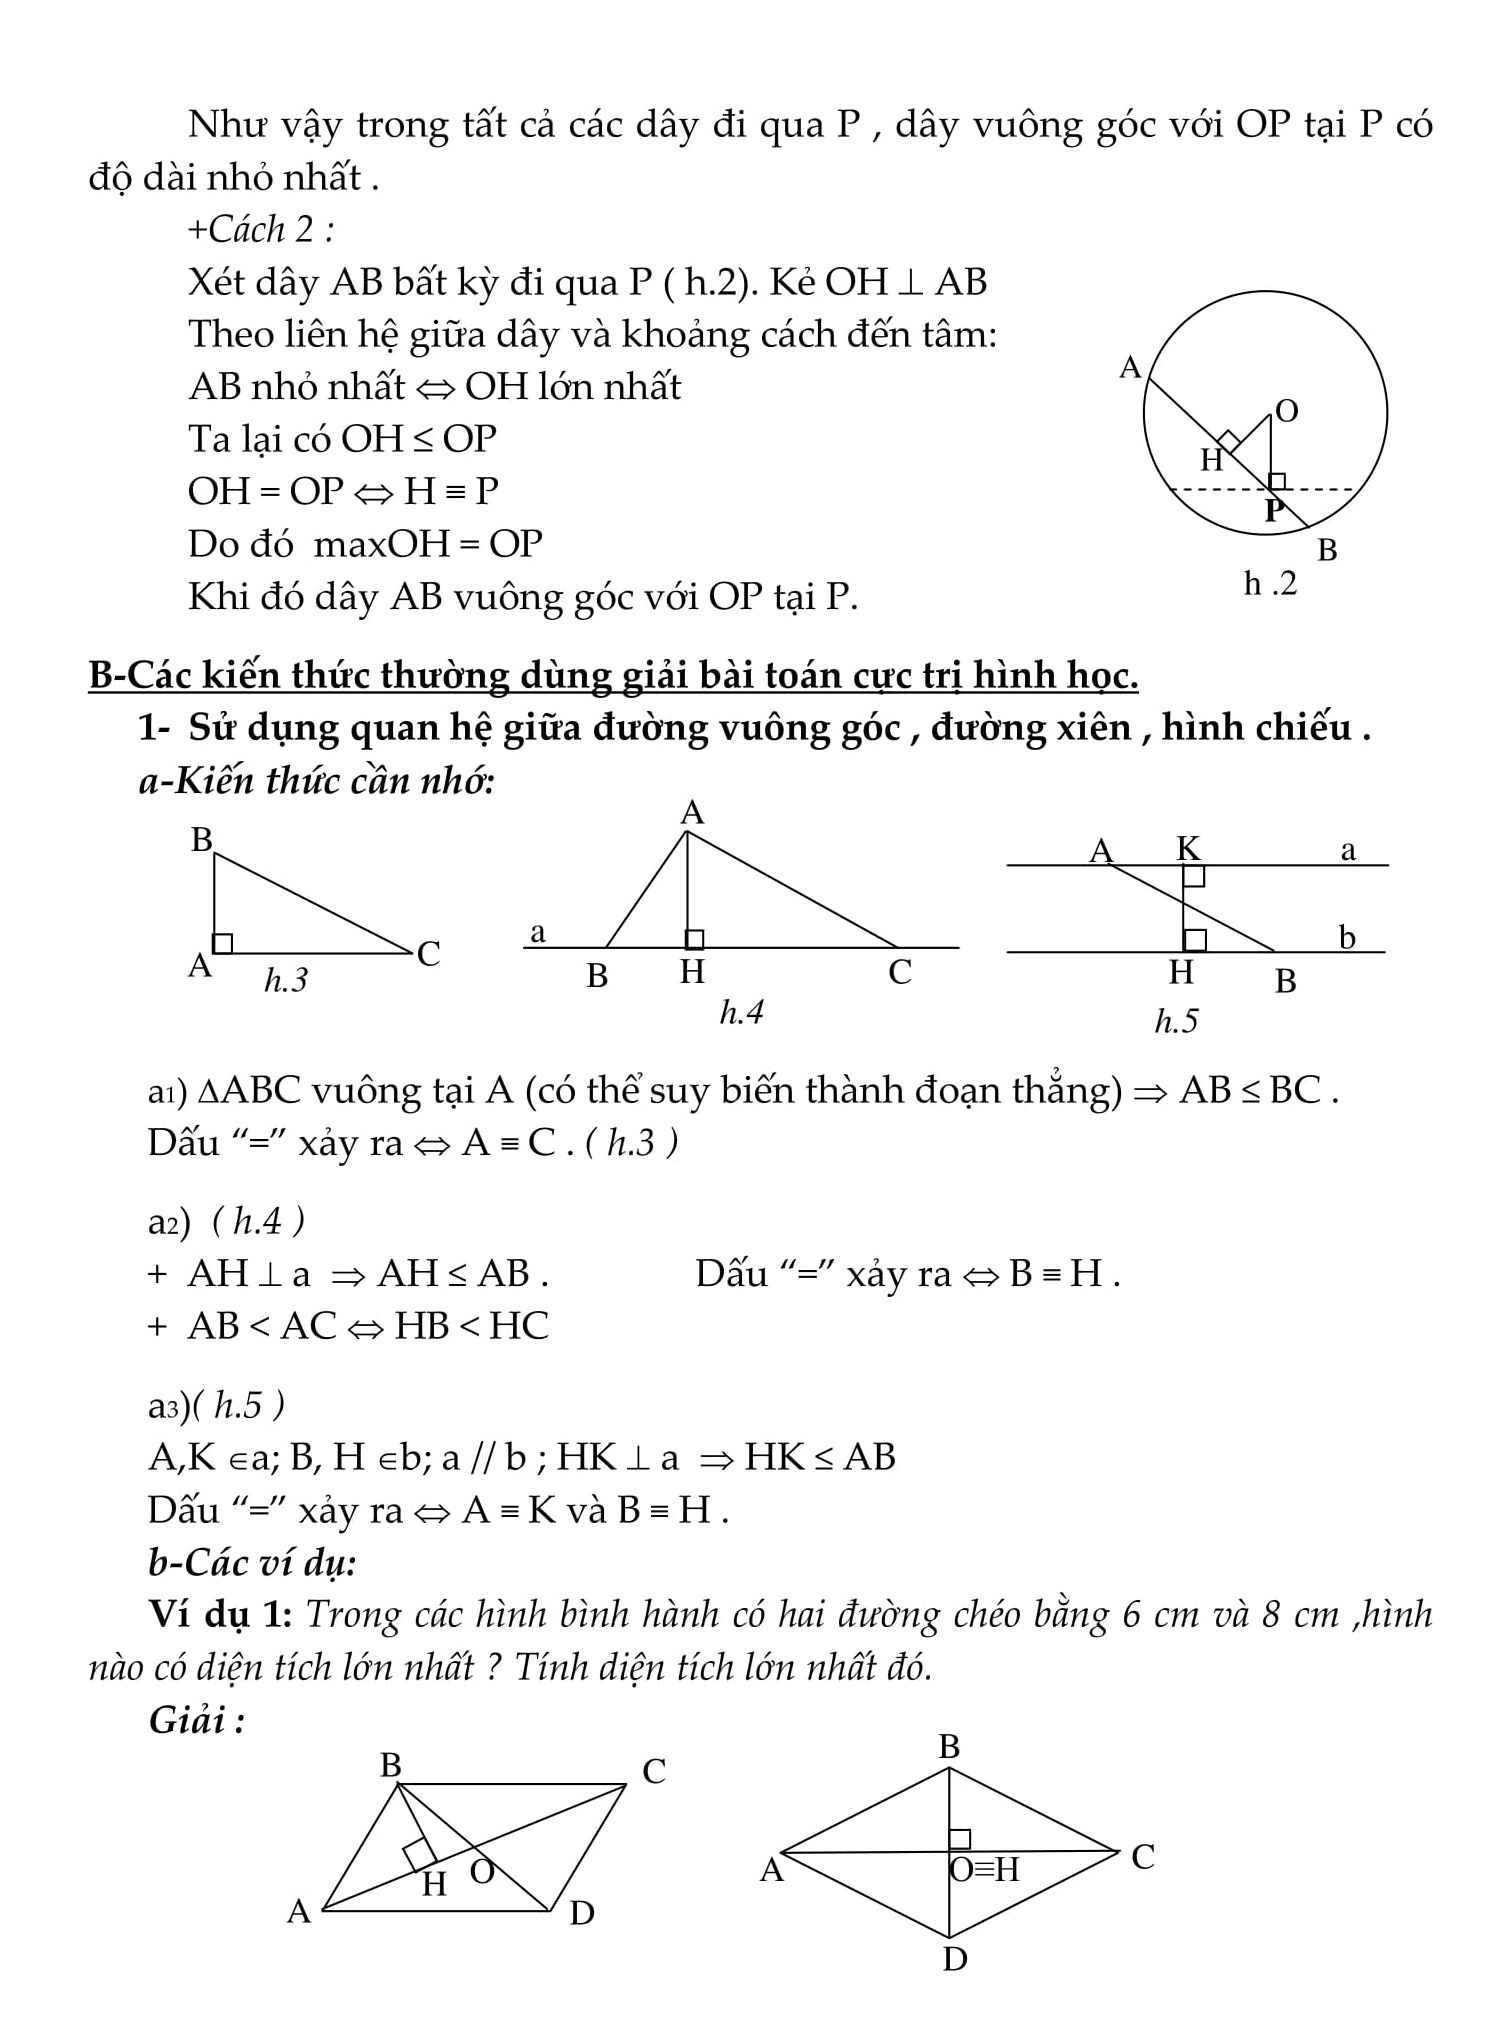 Chuyên đề Toán 9: Cực trị hình học